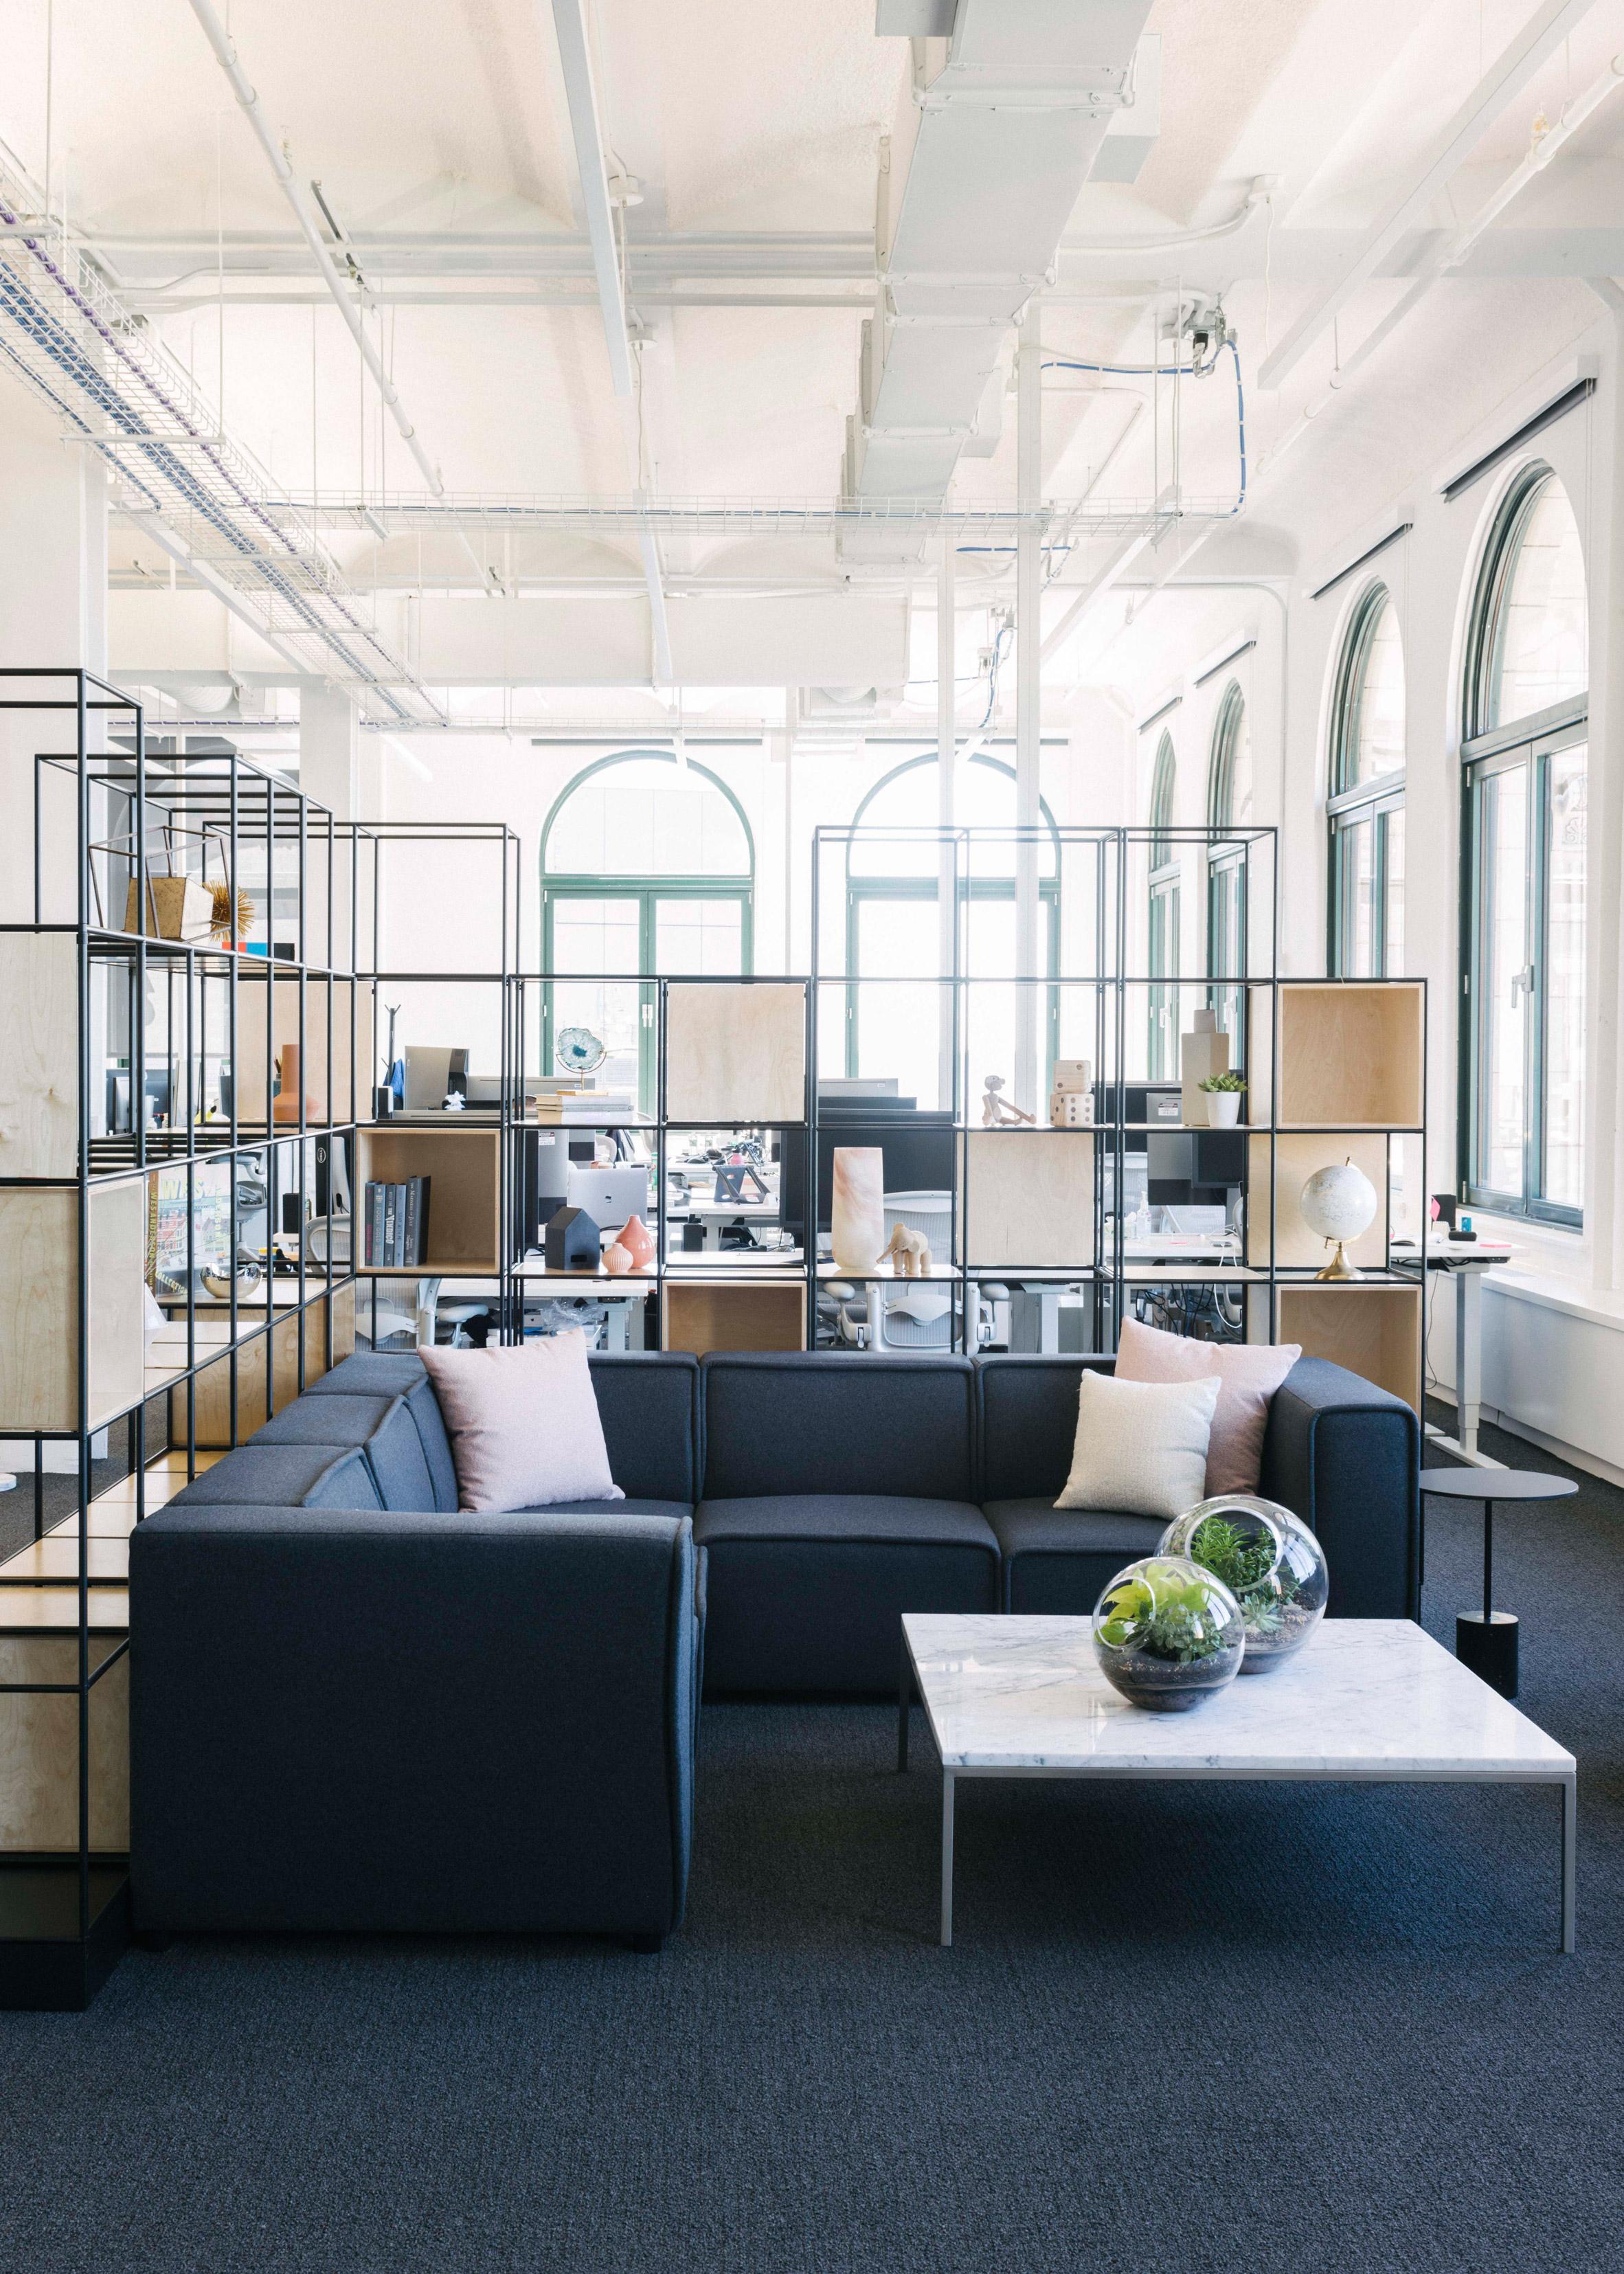 Instagram New York office